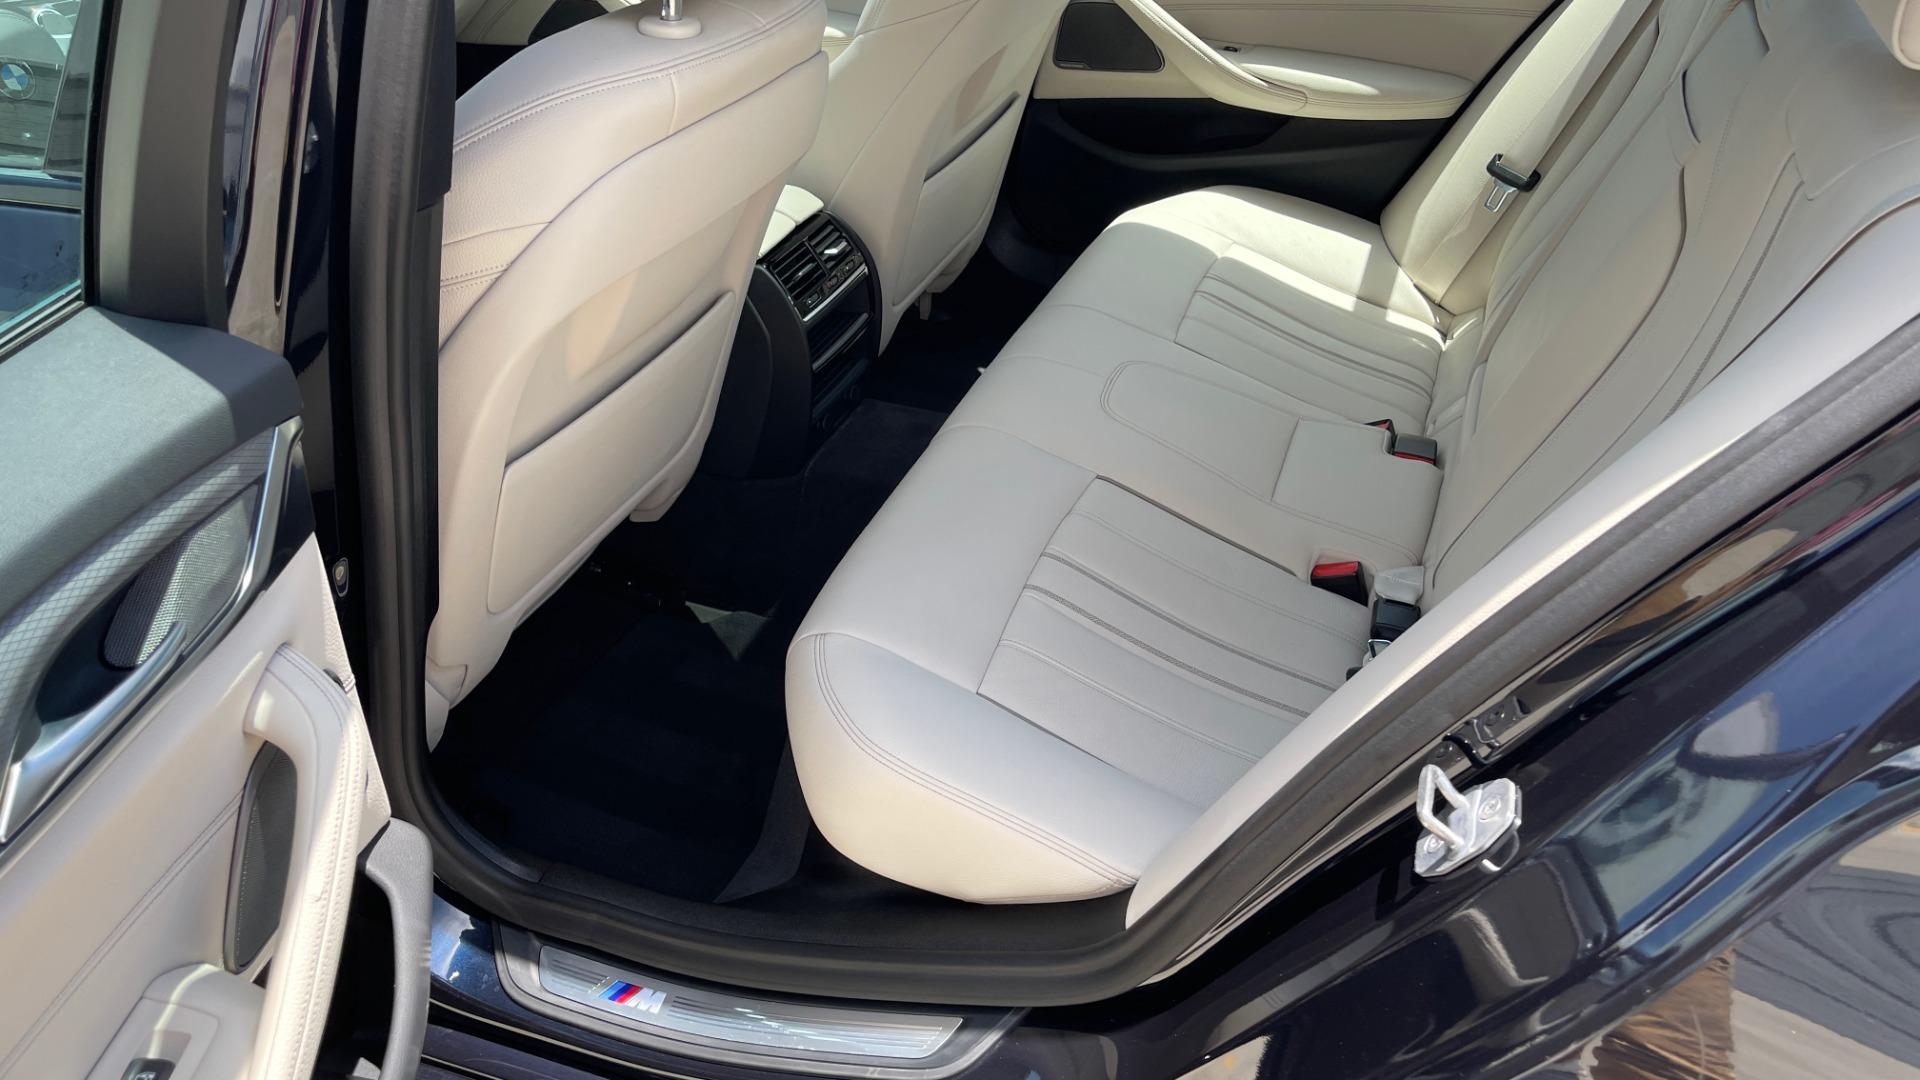 Used 2018 BMW 5 SERIES 540I M-SPORT / EXECUTIVE PKG / DRVR ASST PKG / BLIND SPOT / LANE DEPART for sale $40,995 at Formula Imports in Charlotte NC 28227 59